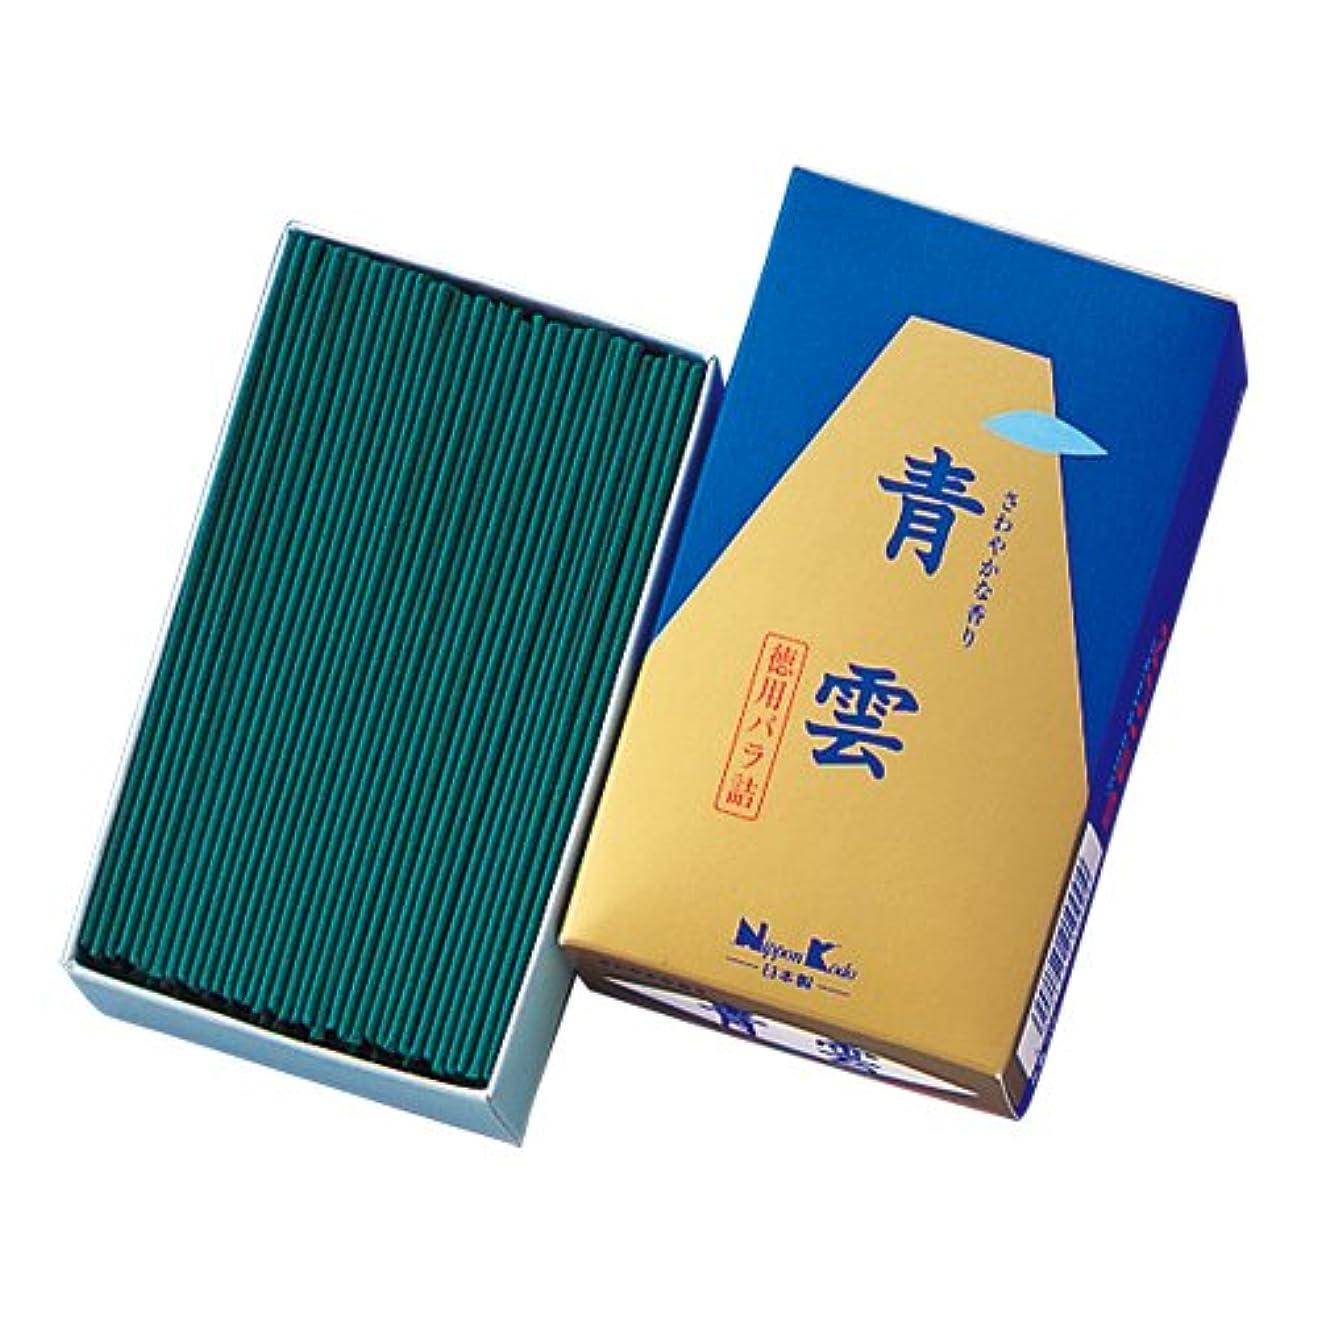 タービン天窓嵐青雲 徳用バラ詰 (約157g)